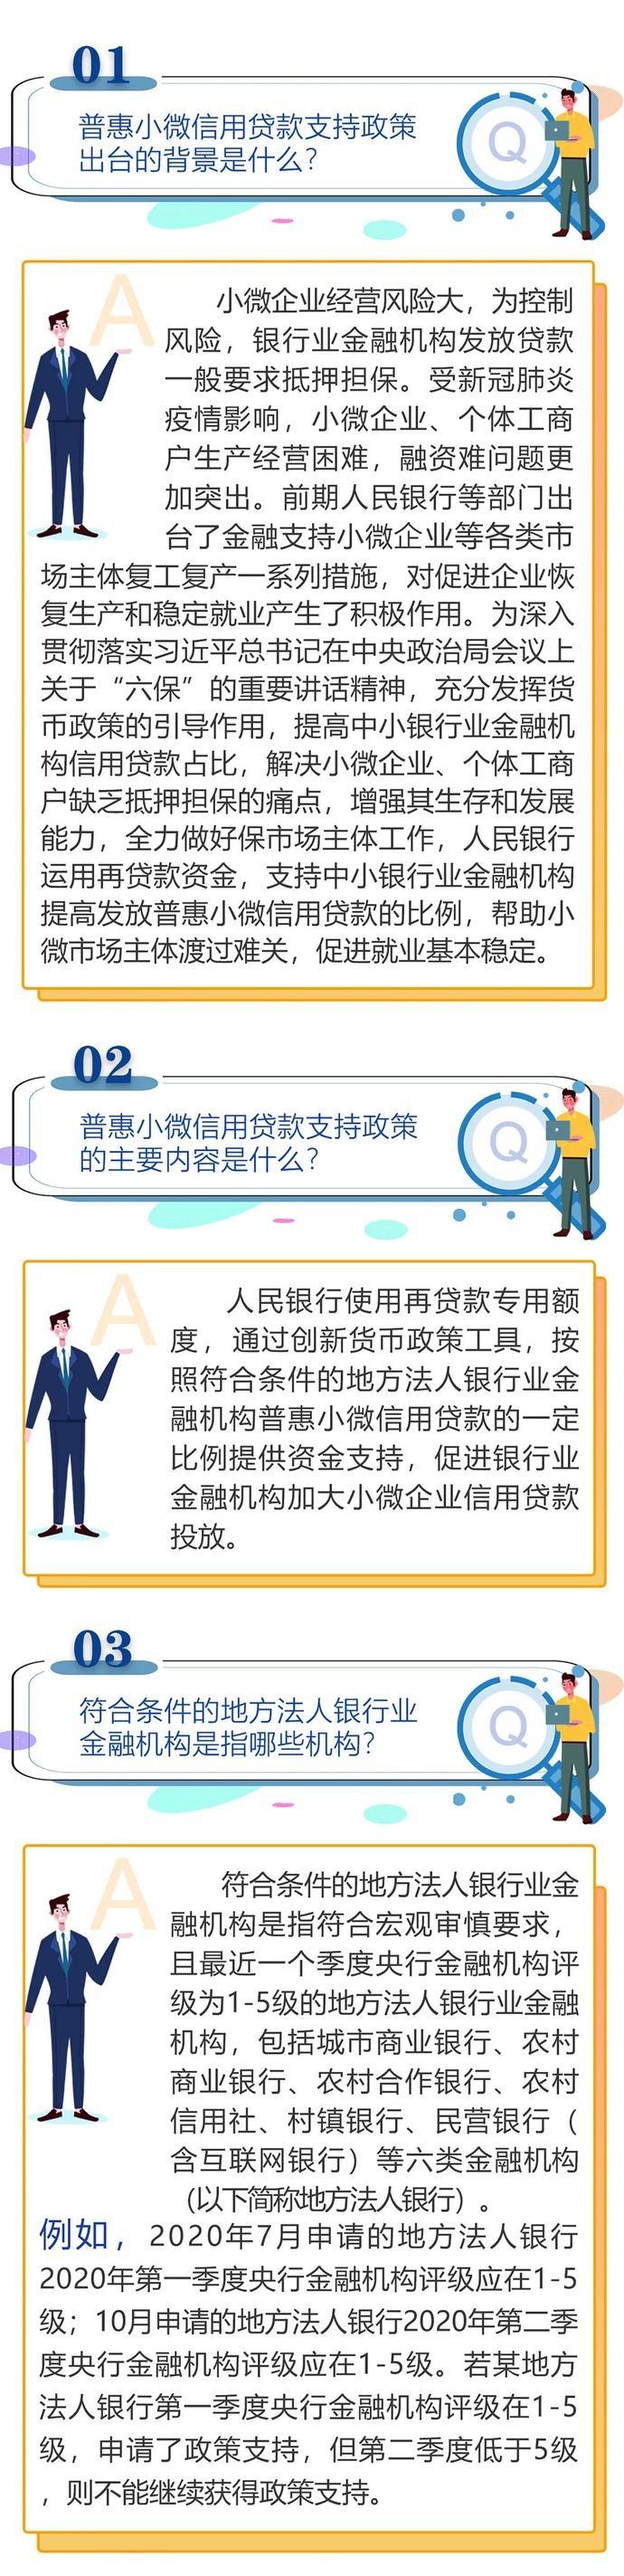 敲黑板!揭阳市普惠小微信用贷款政策问答&金融产品简介